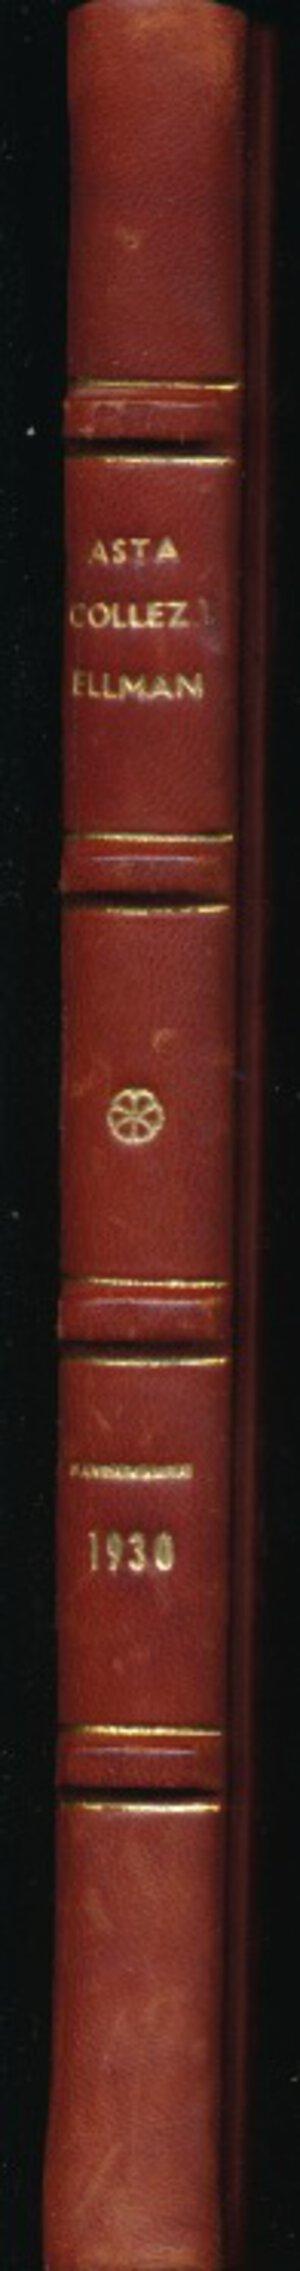 obverse: SANTAMARIA P.&P. - Asta 13 gennaio 1930 Roma. Collezione Ellman. Monete di zecche italiane. Pp. 107 + 18 tavole in b/n. Rilegatura rigida con dorso e angoli in pelle e piatto marmoreo. Buono stato.